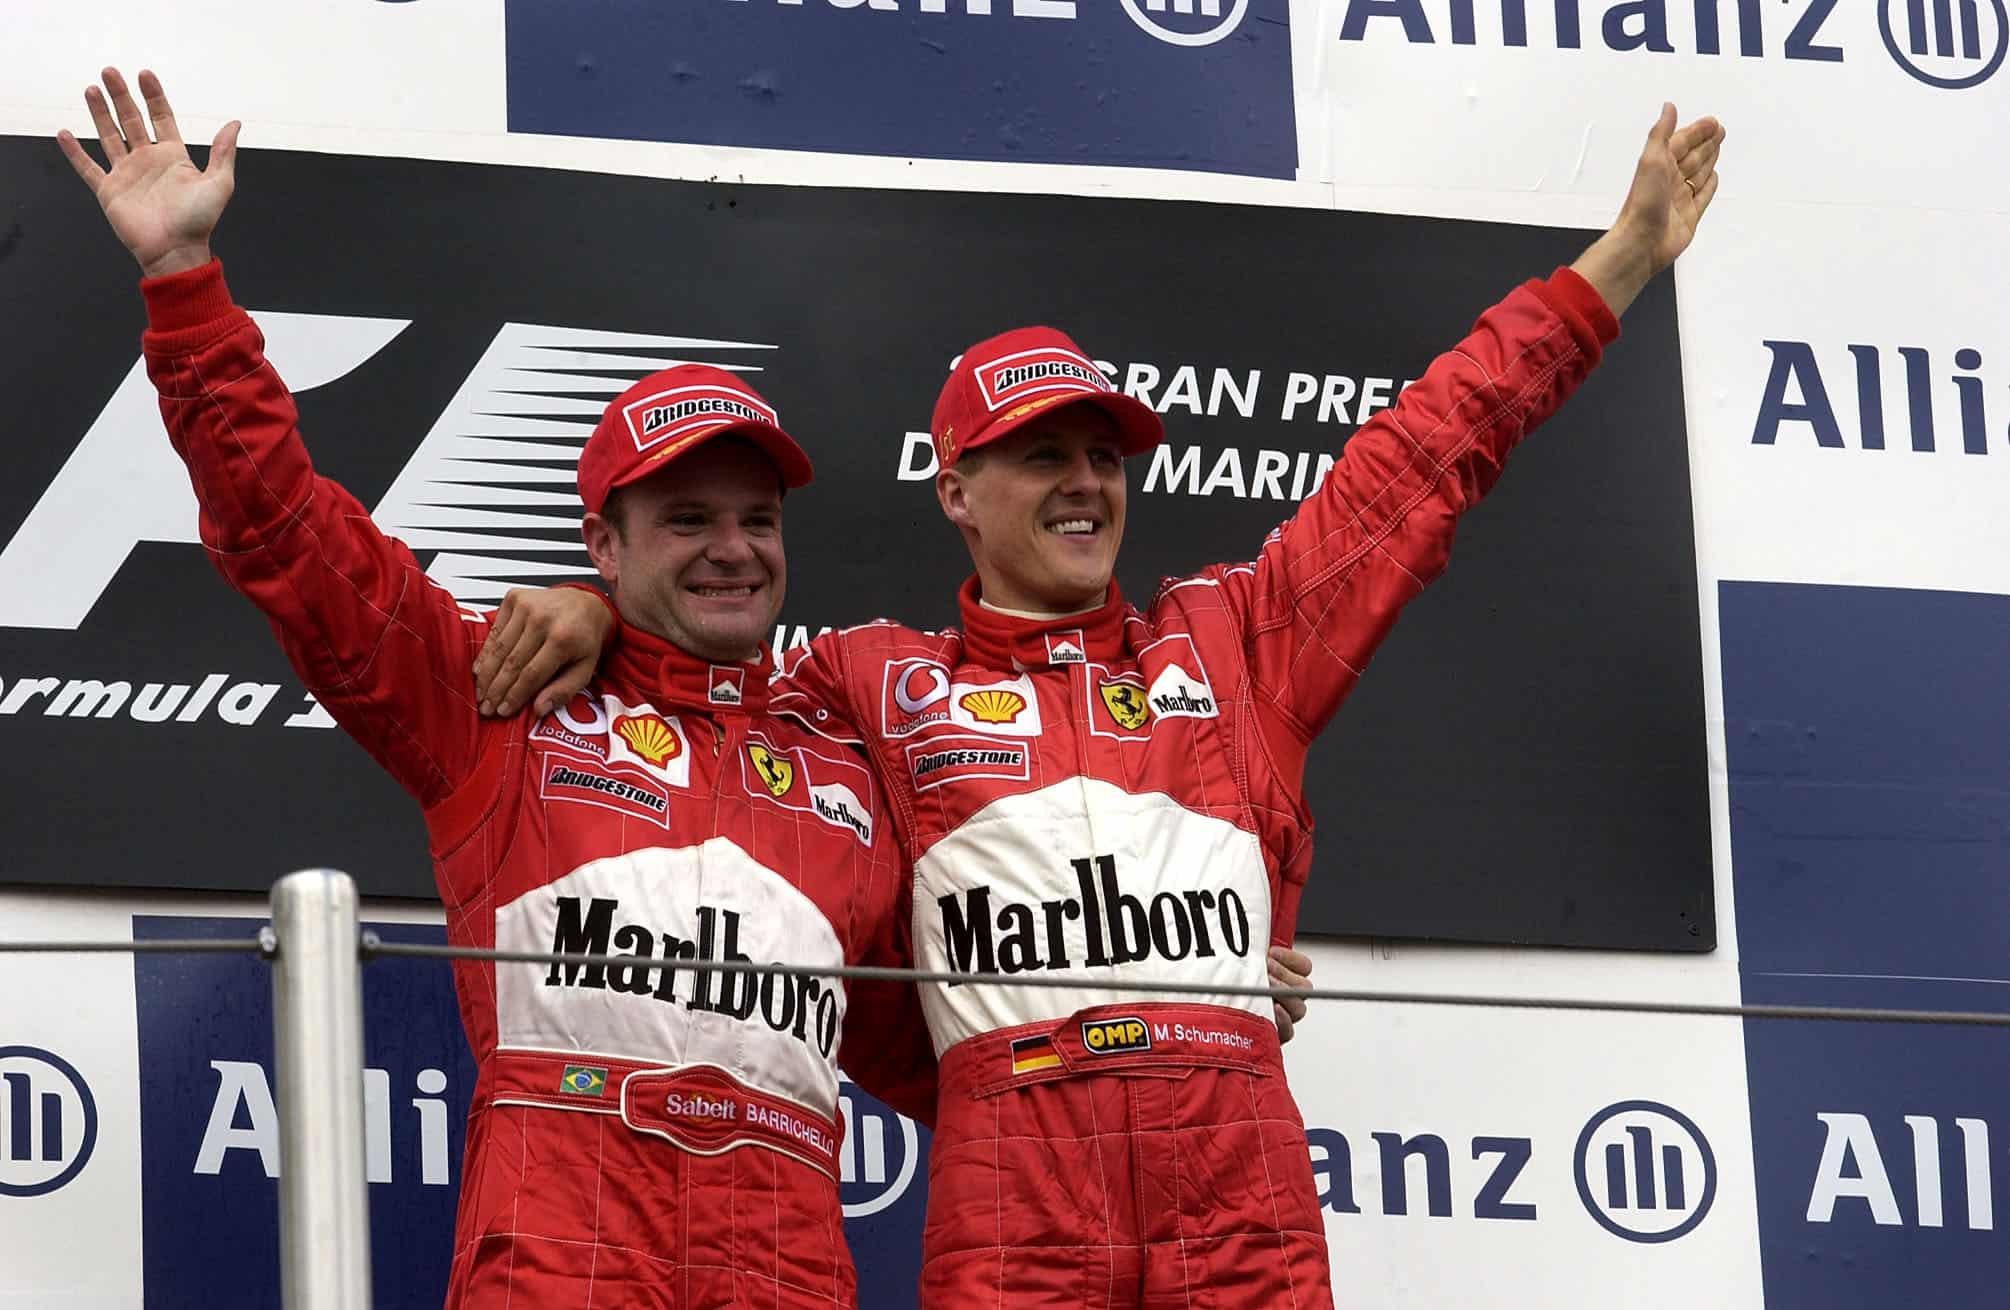 2002 F1 San Marino GP Imola podium Michael Schumacher and Rubens Barrichello Photo Ferrari